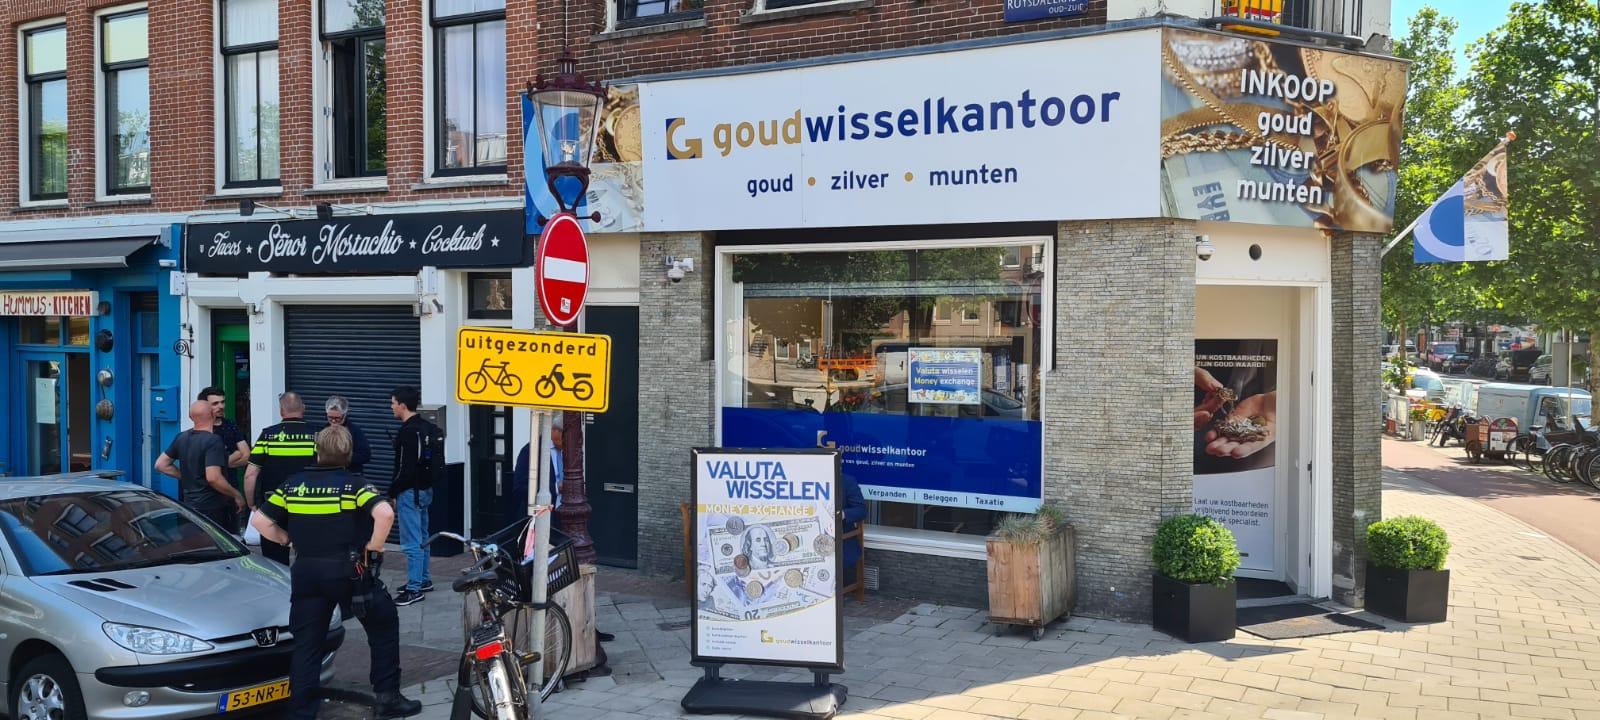 Politie bij gouwdisselkantoor in Amsterdam